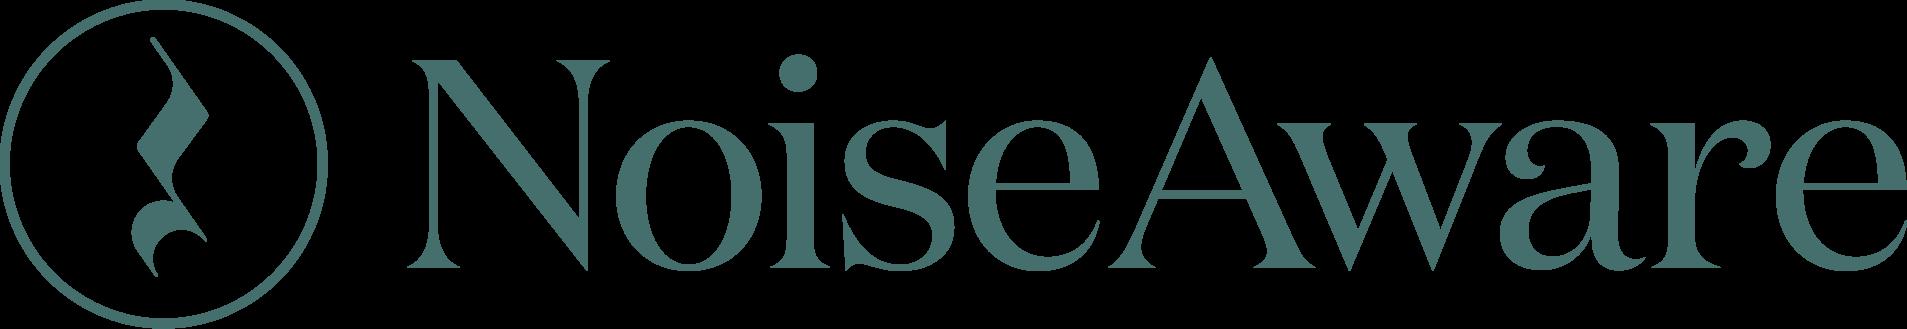 NoiseAware_Logo_HRZ_Green_456e6c (5)